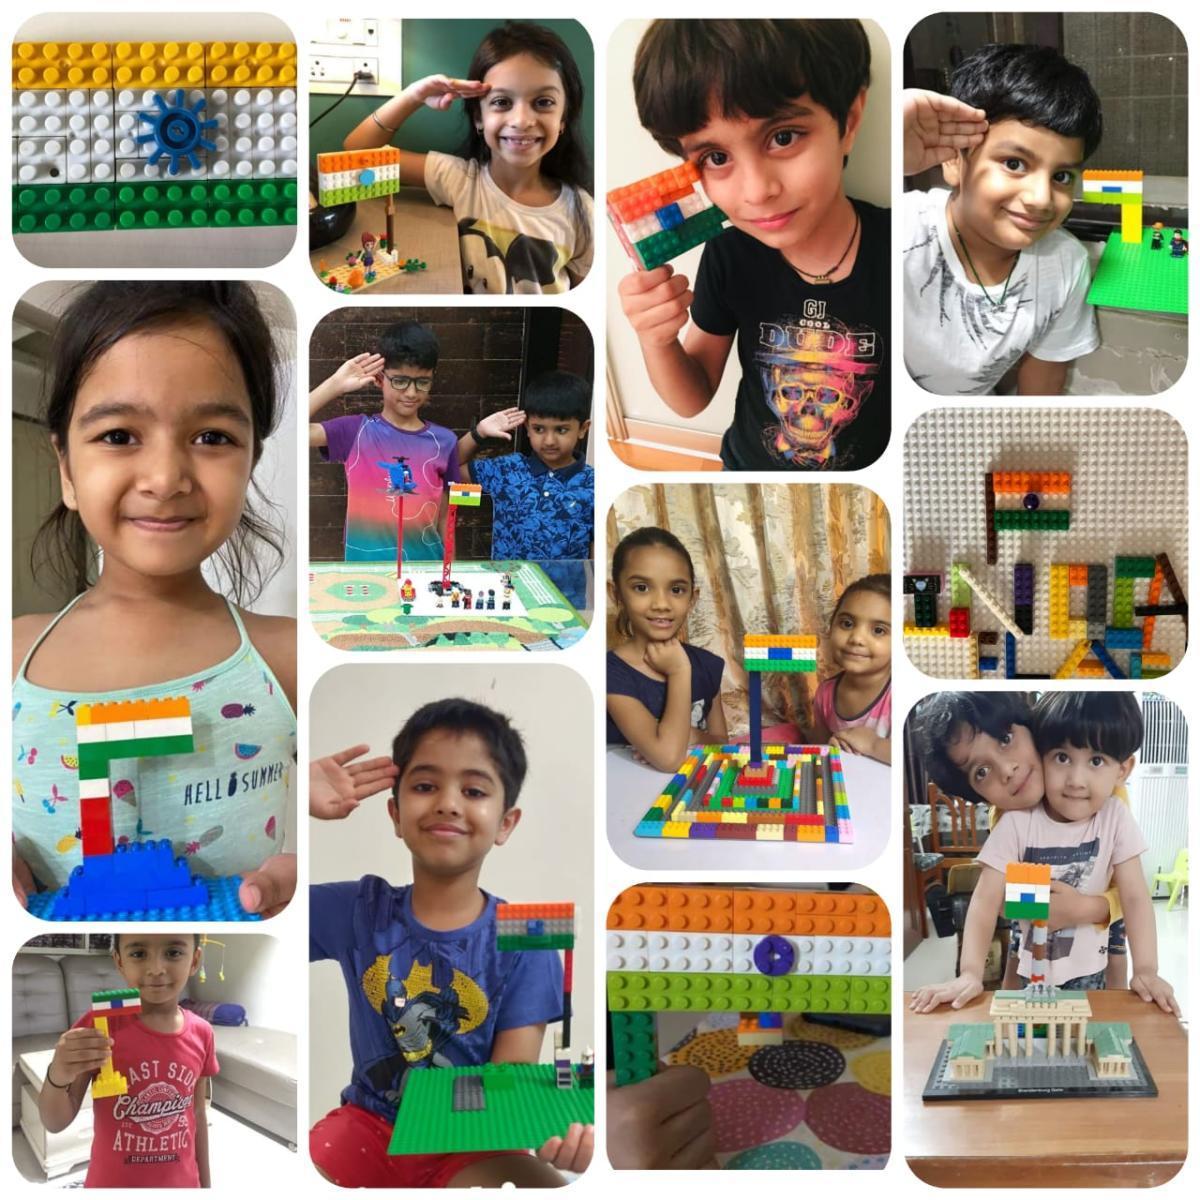 lets-build-together (1) (1) (1) (1)